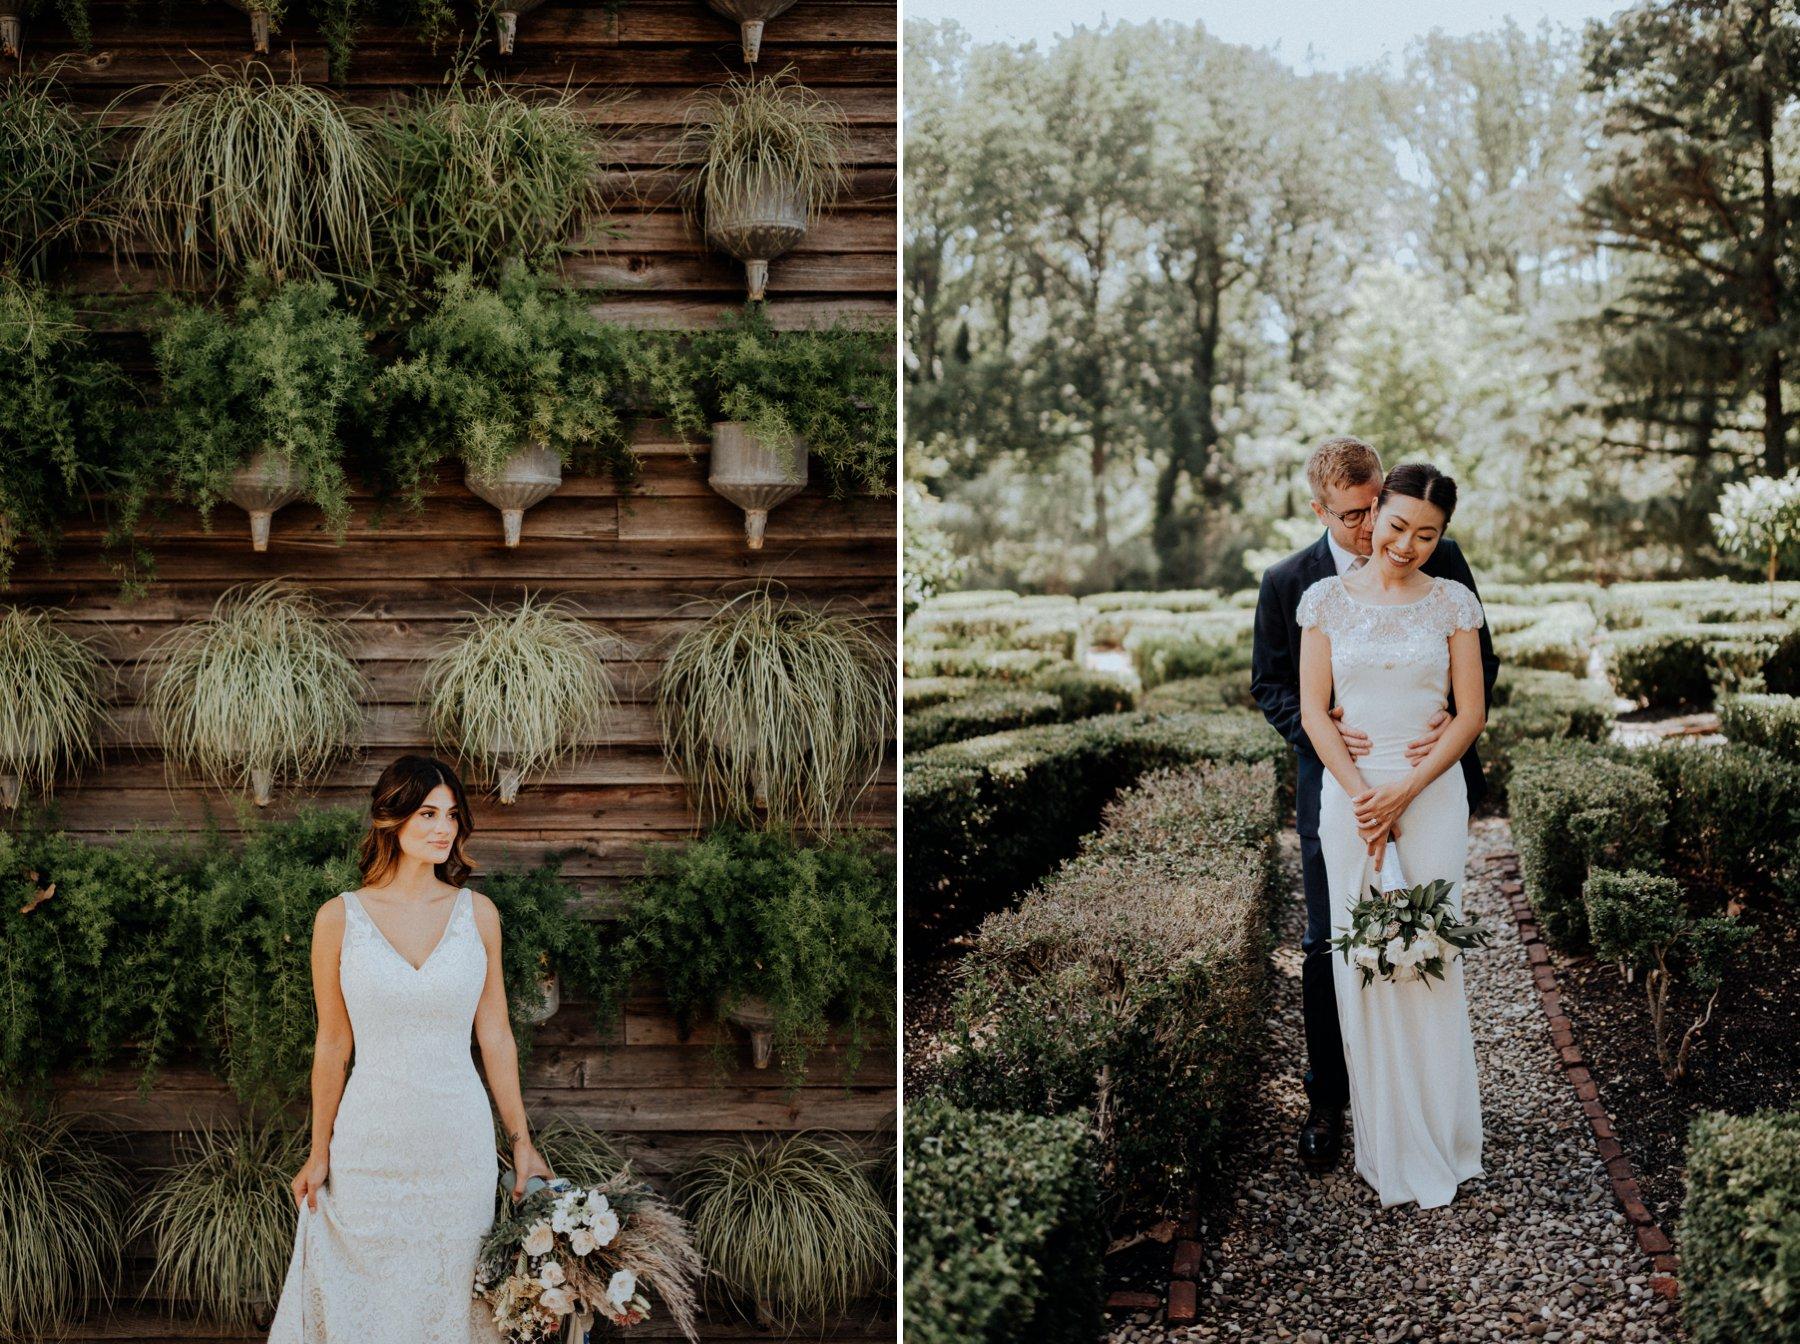 075-052-terrain-wedding-9-2.jpg